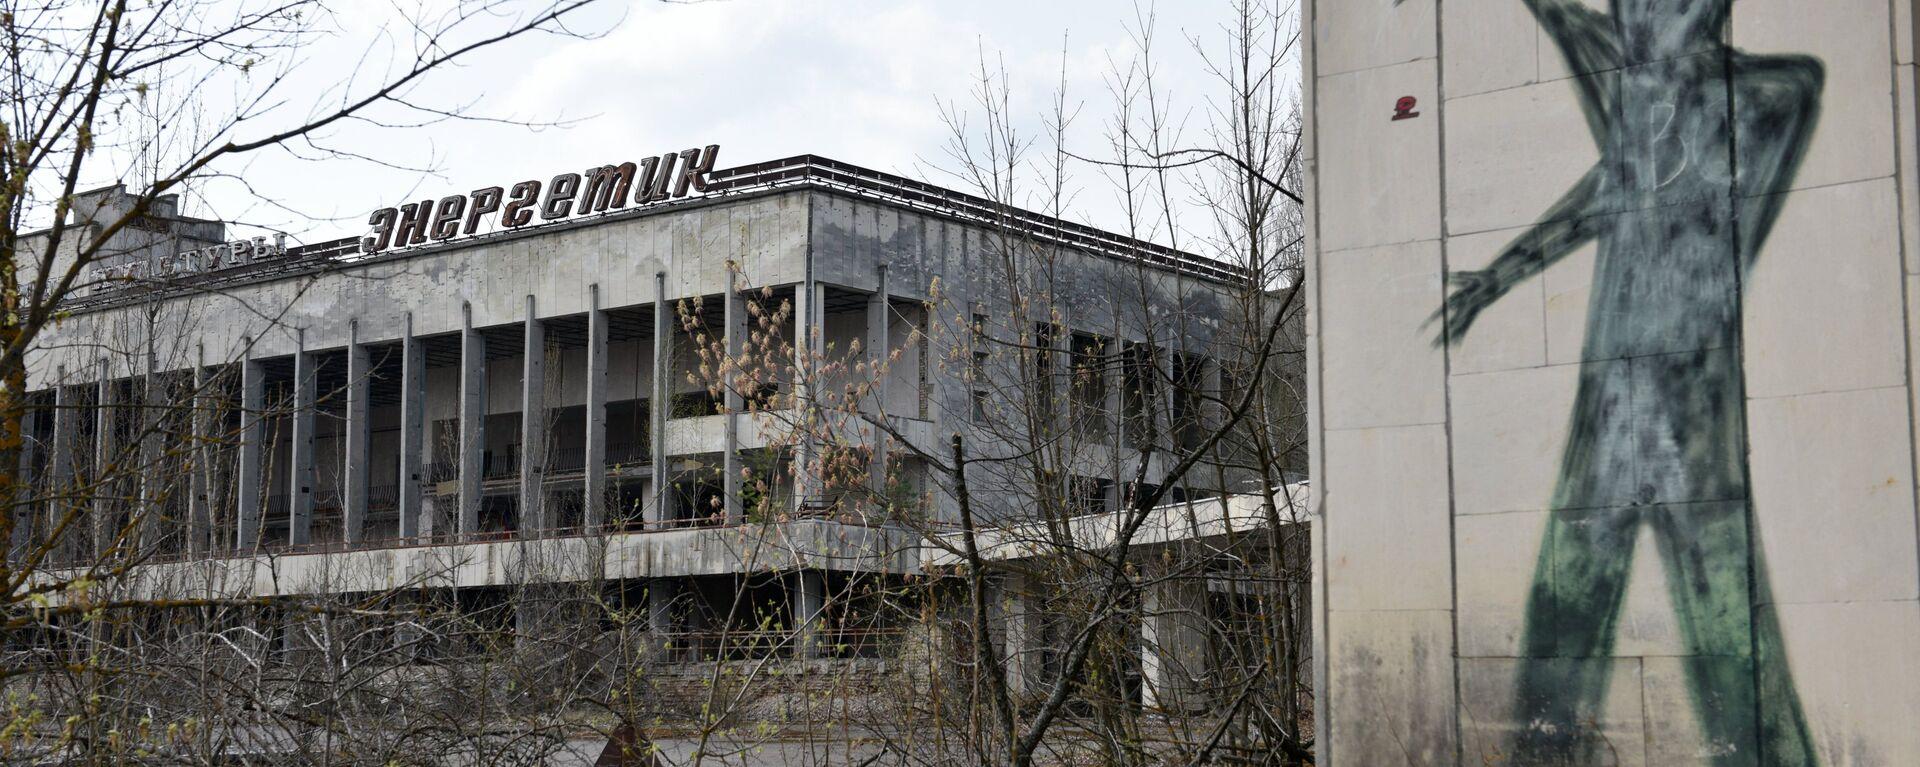 Un edificio y un graffiti en la zona de exclusión de Chernóbil (archivo) - Sputnik Mundo, 1920, 26.04.2021